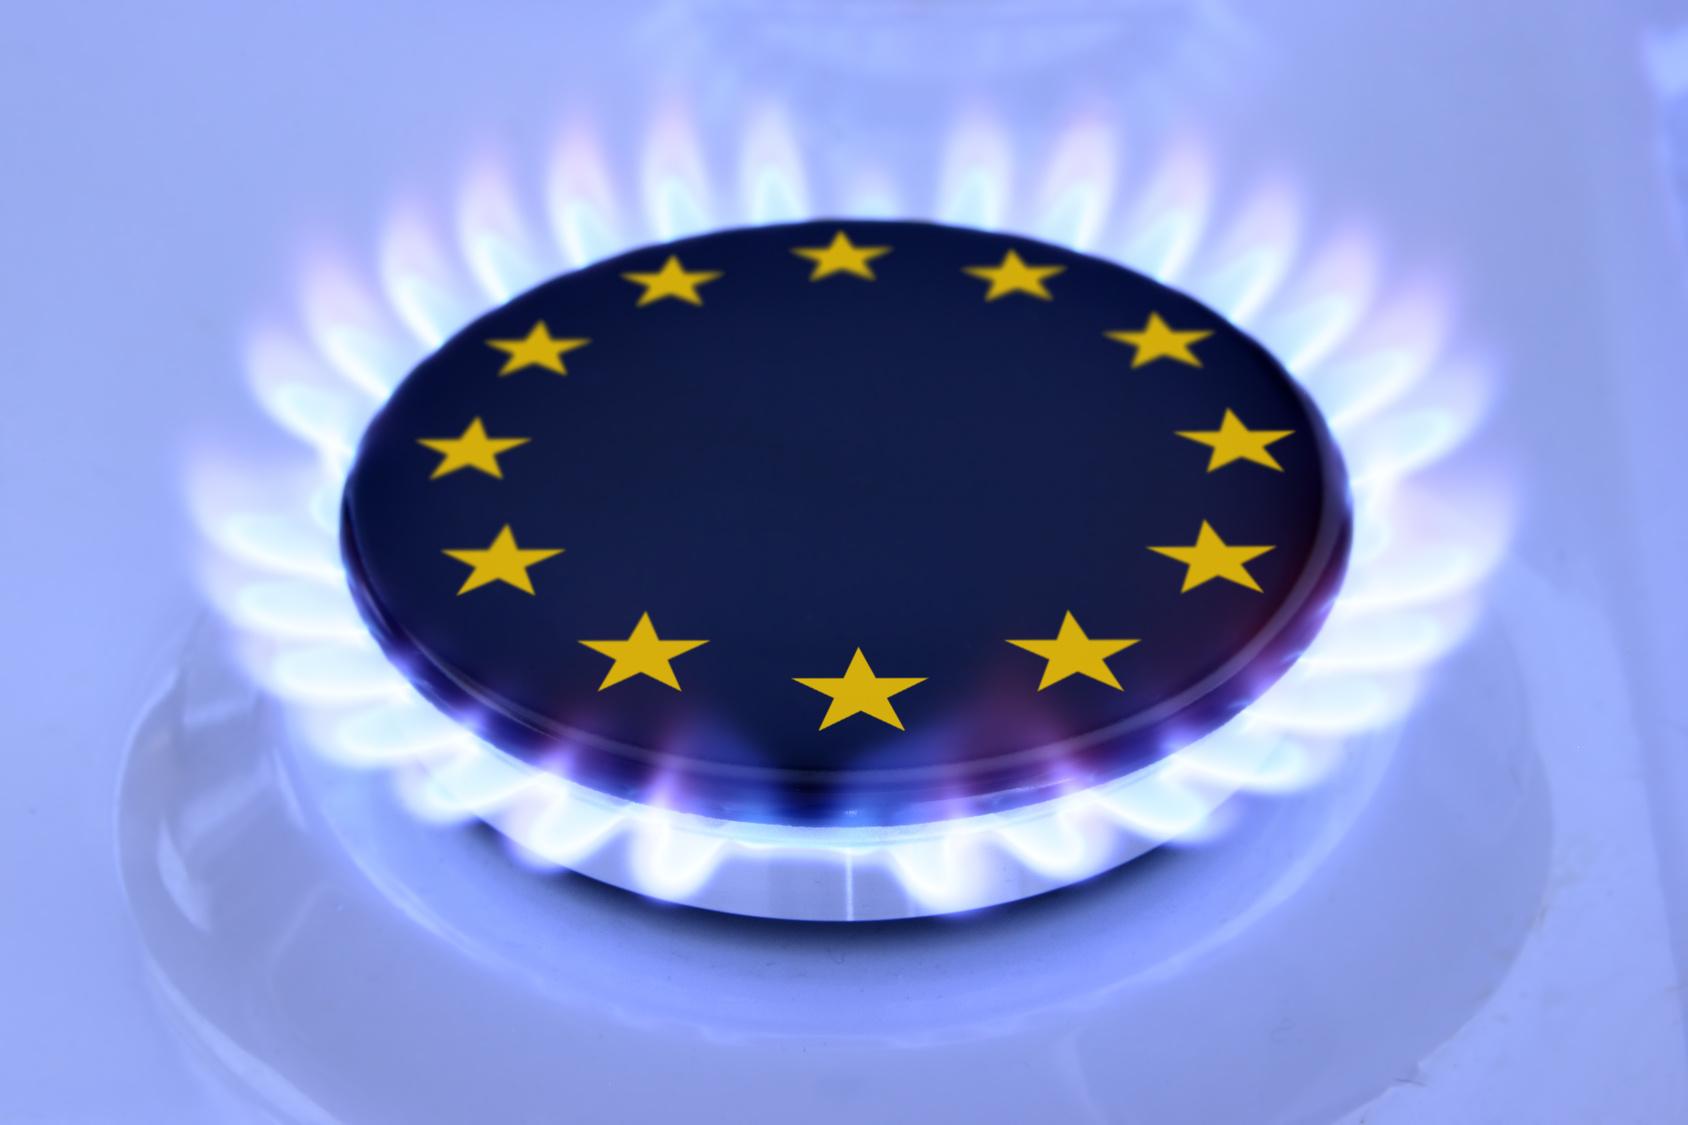 Seguridad Energética En La UE: Diagnóstico Correcto, Tratamiento Inadecuado